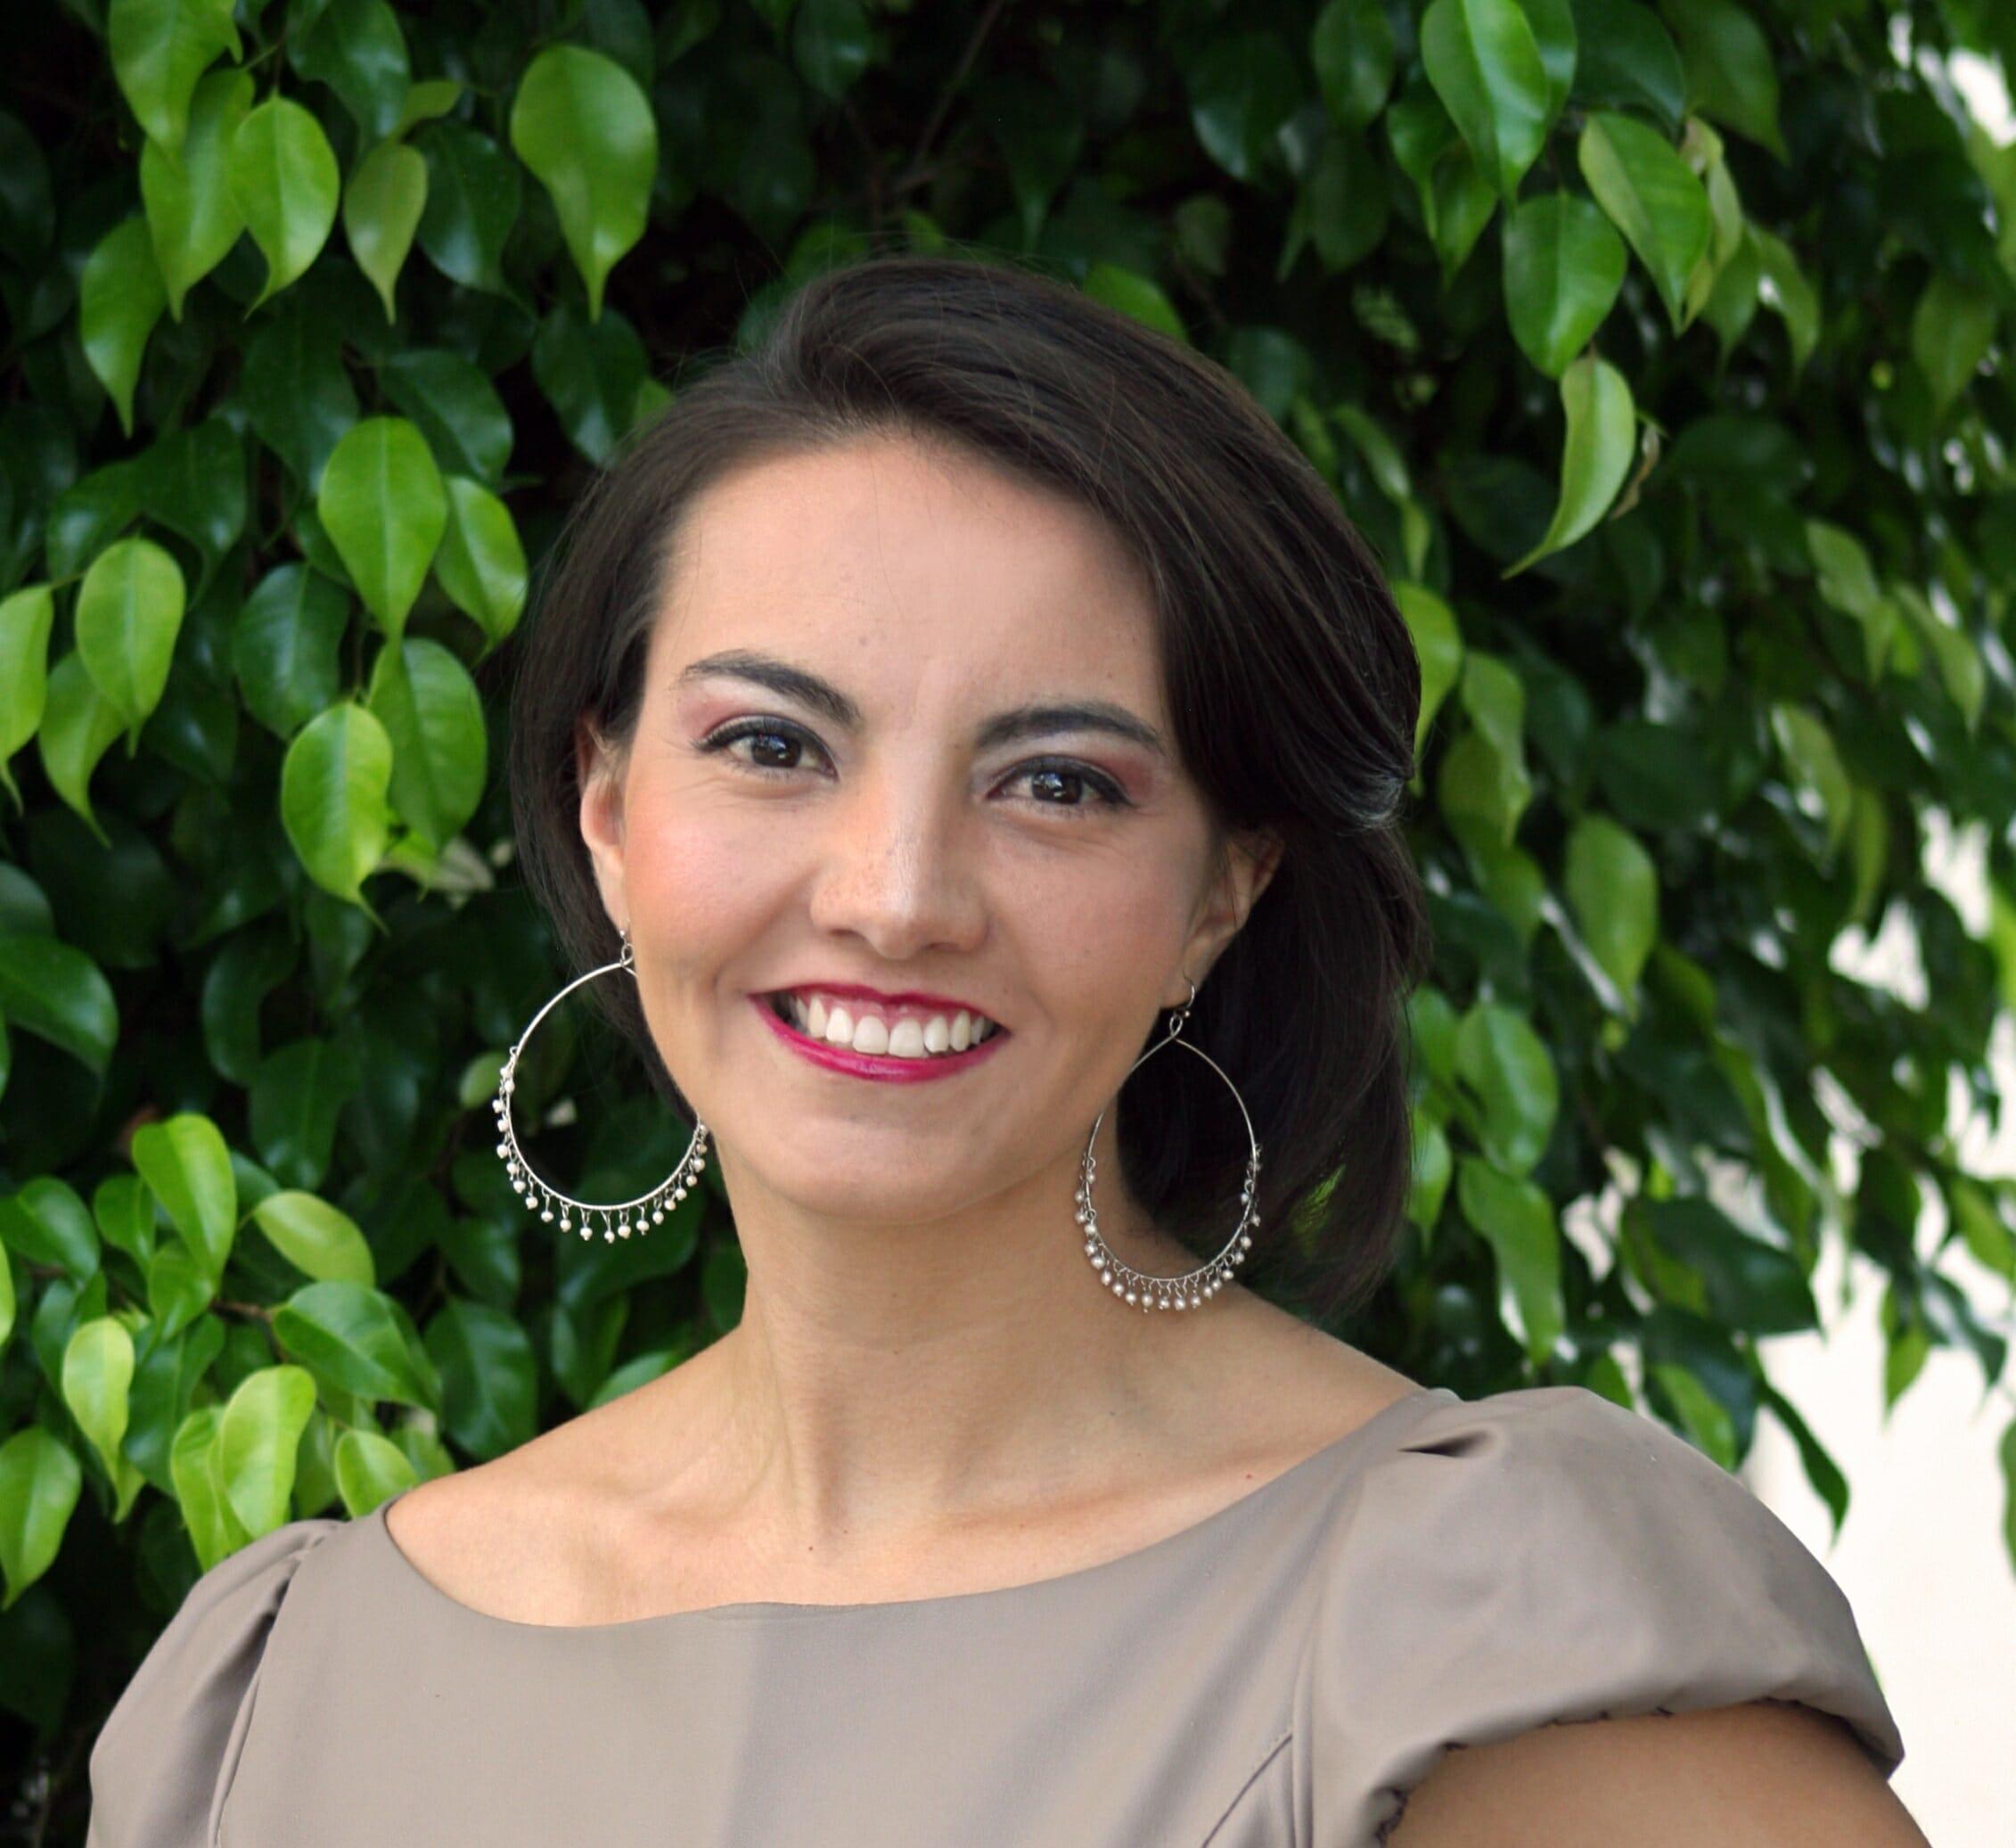 Paola Denisse Barreiro Estrada